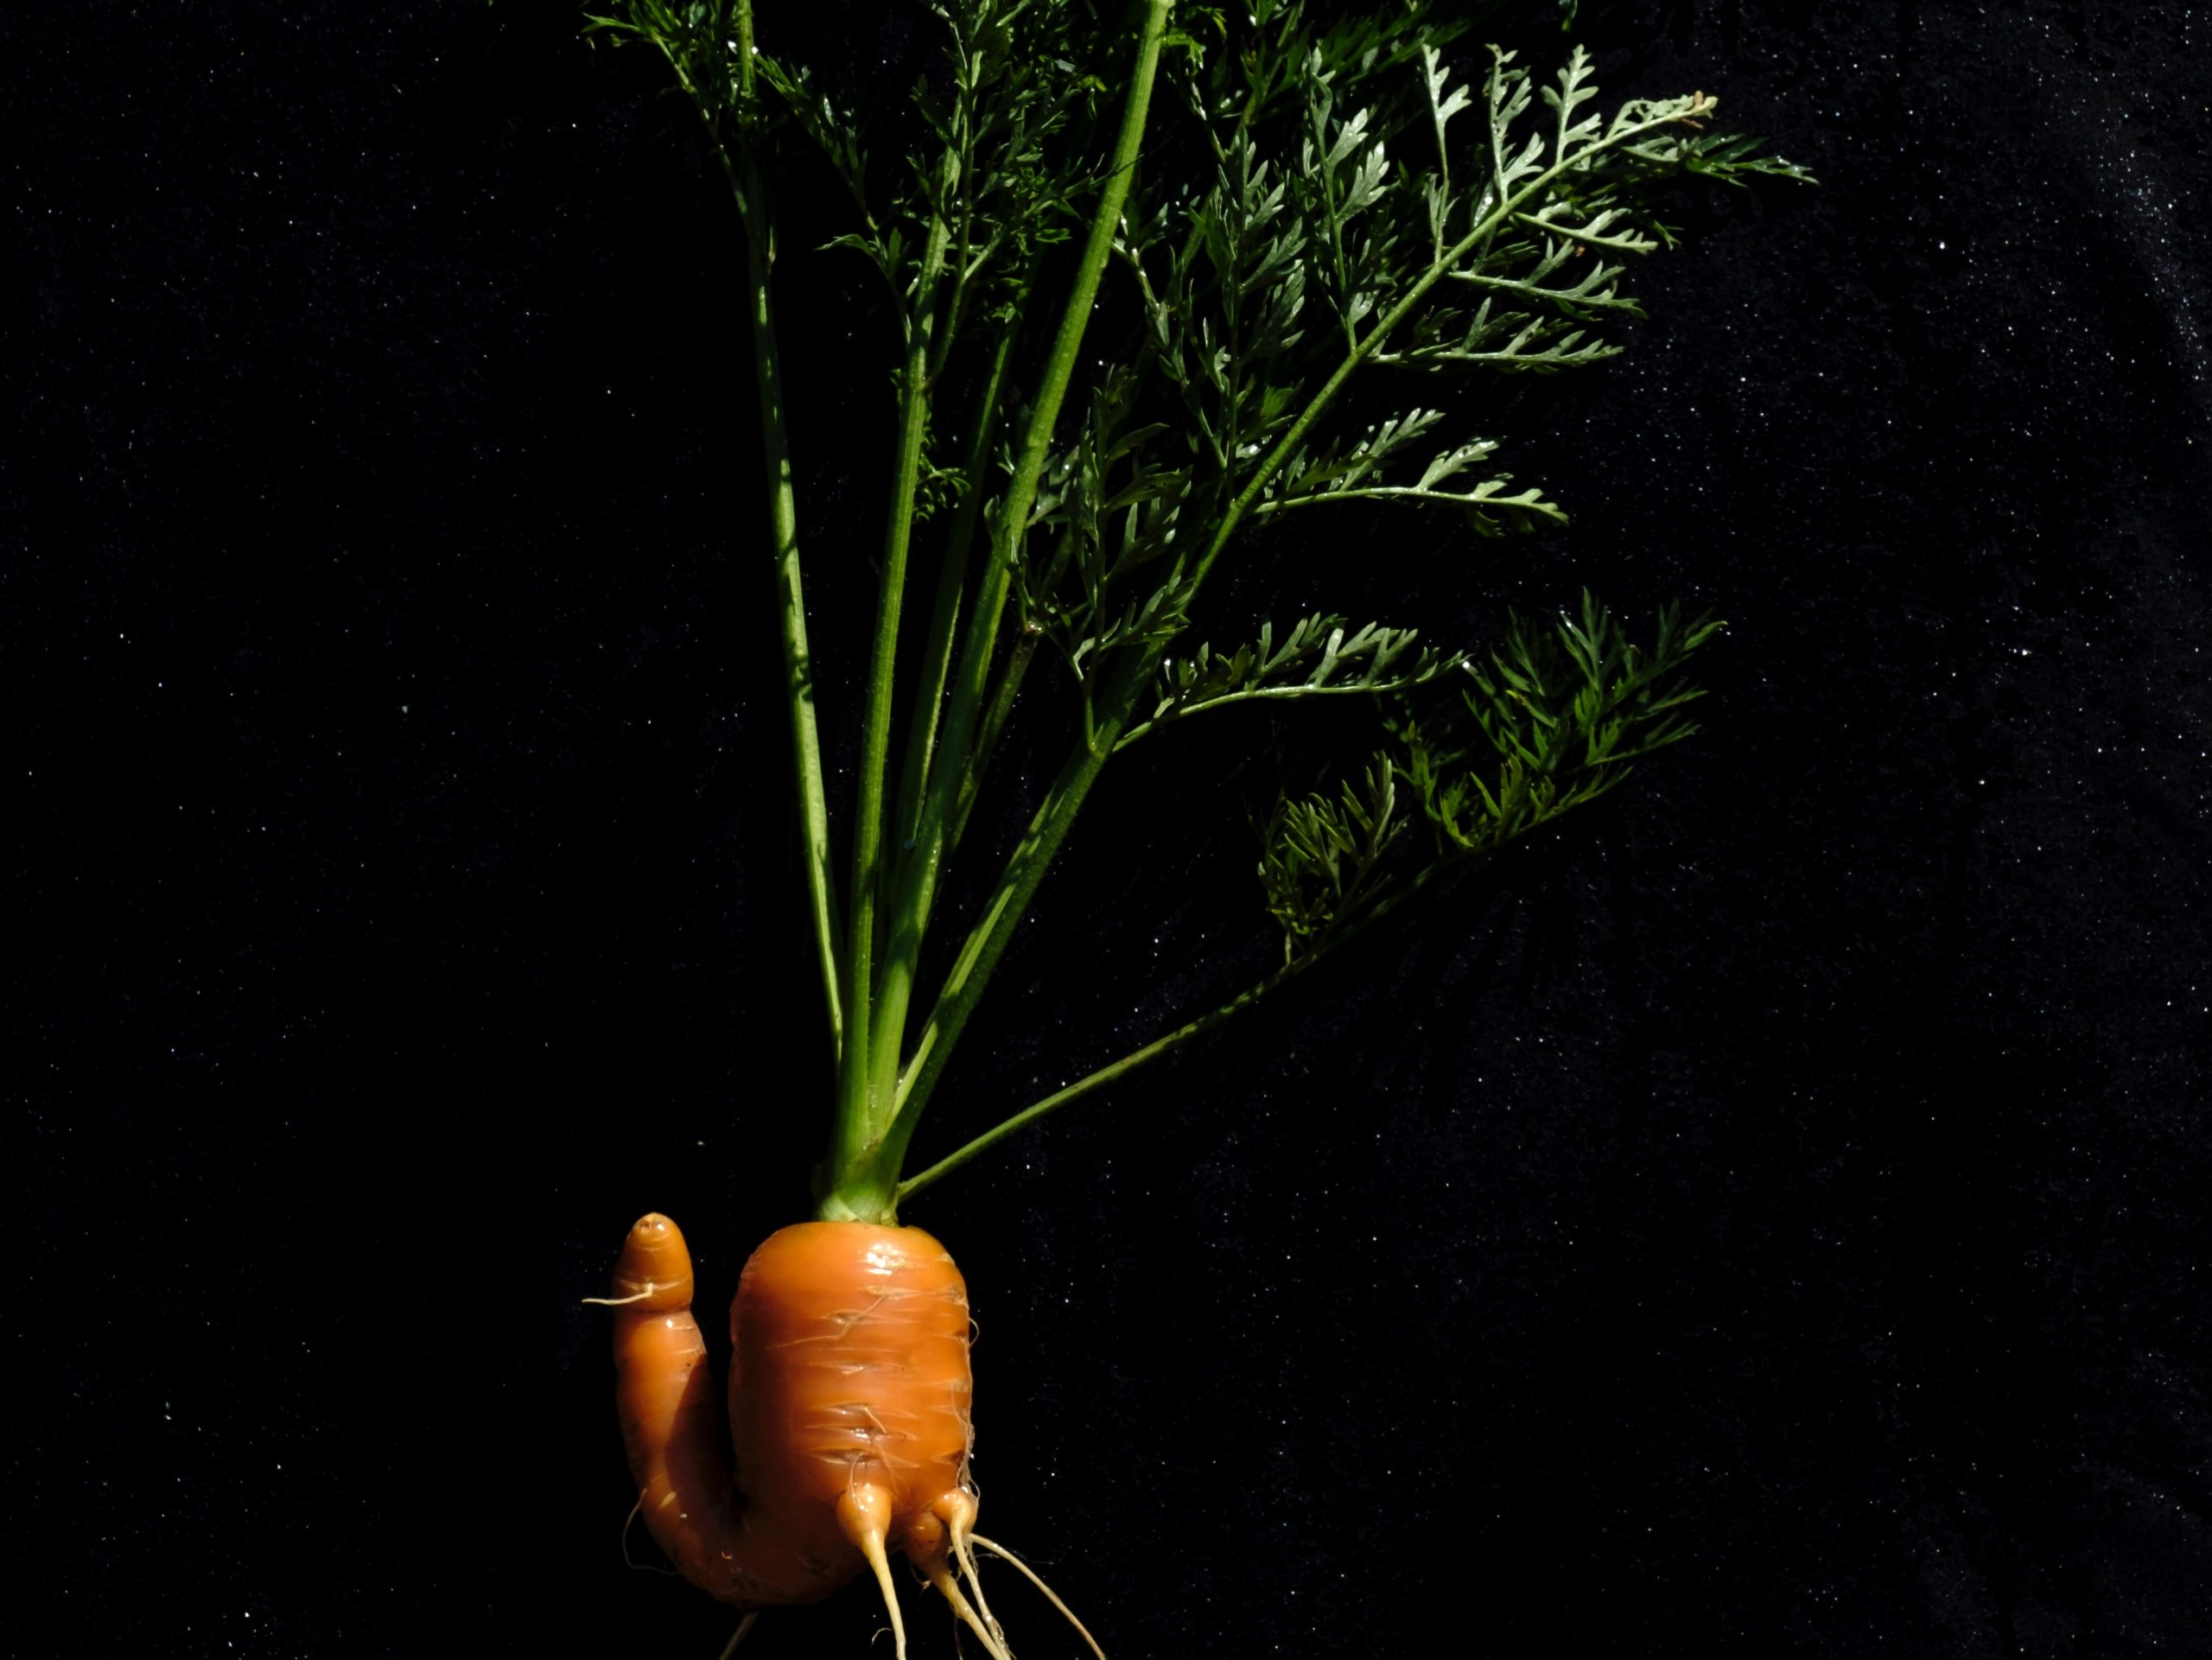 rośliny, które odrastają - marchew, pietruszka, seler